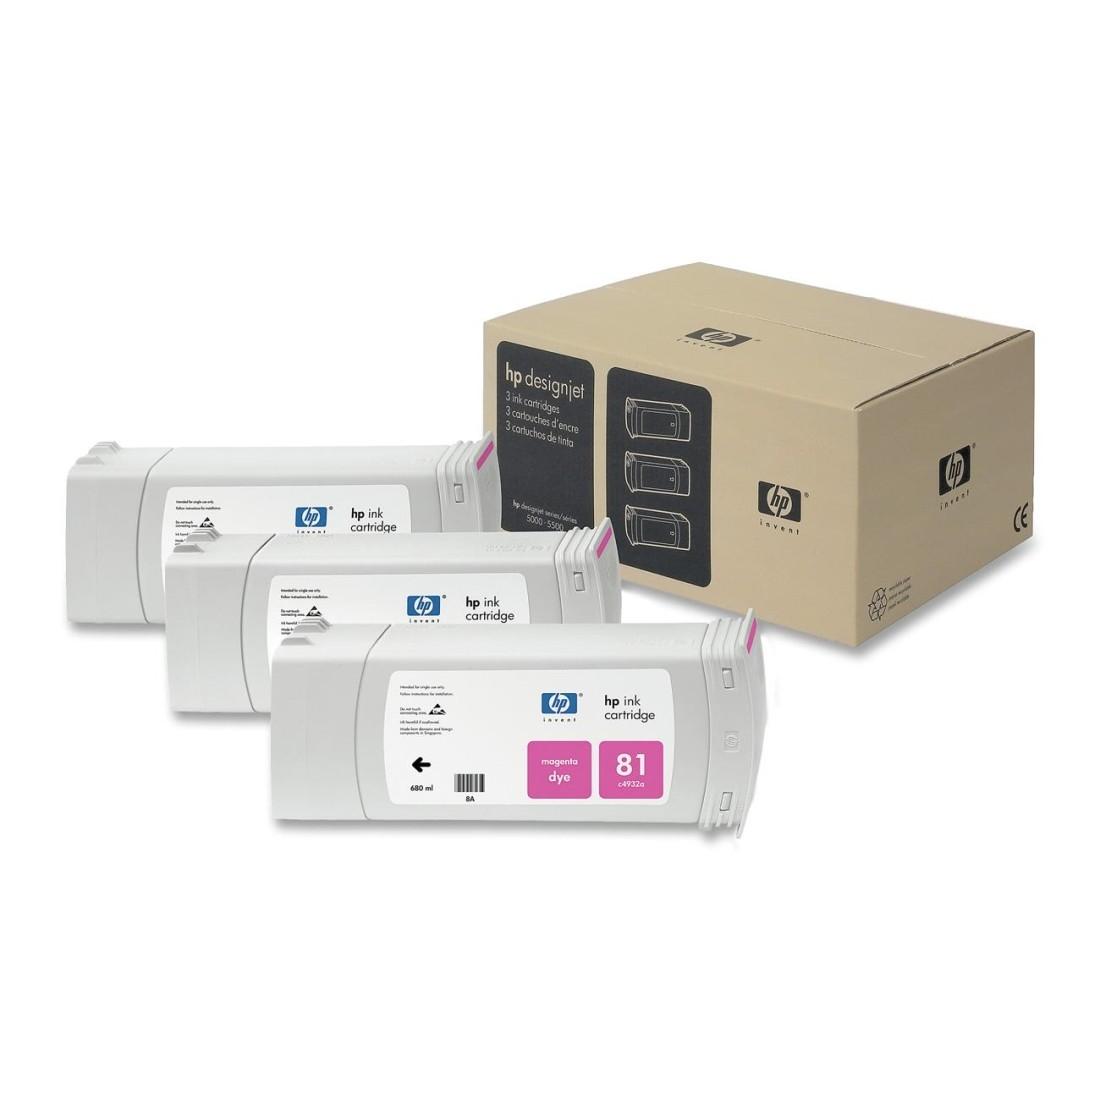 Tinteiro DesignJet 5000/5500 (C5068A) Nº81 Magenta Pack 3